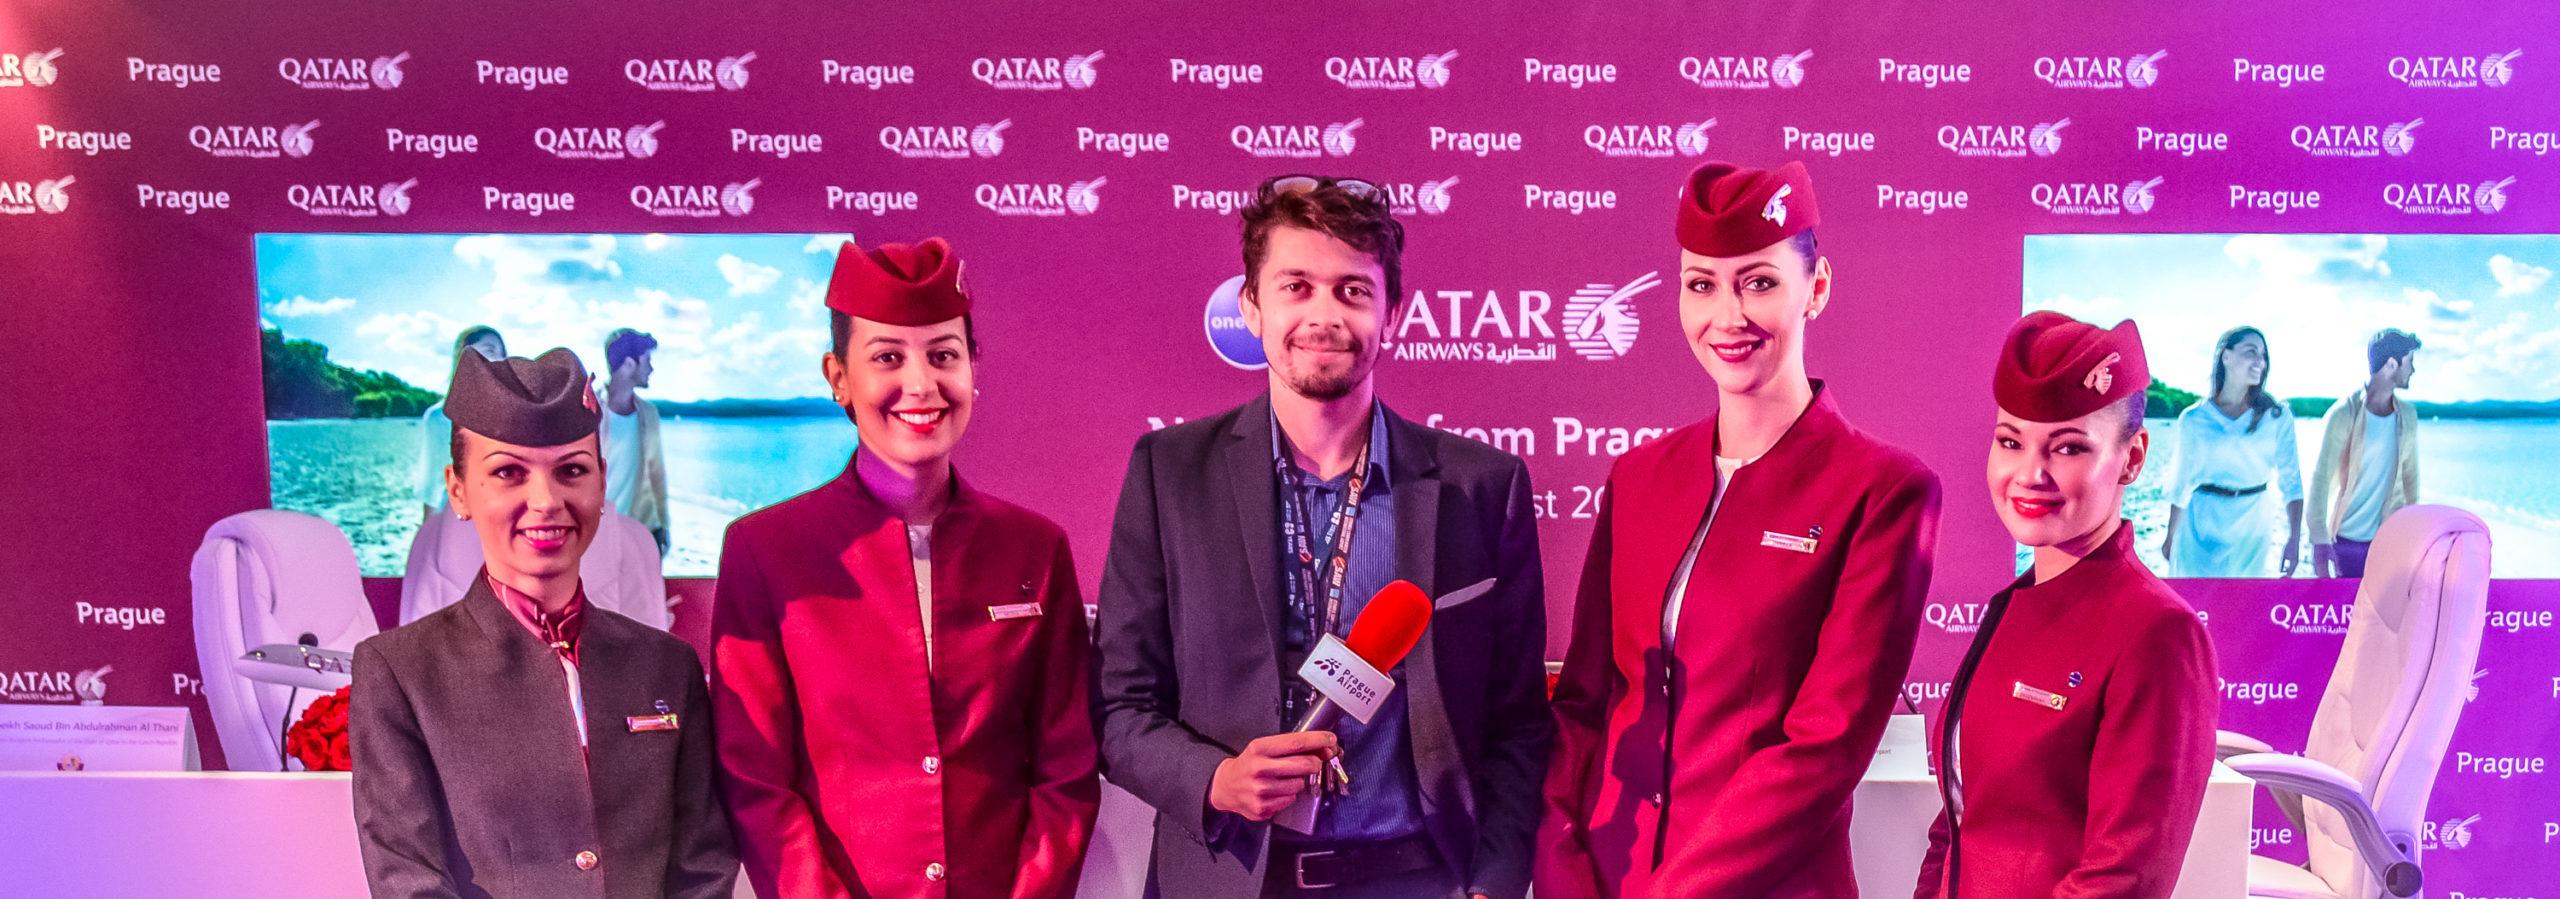 QATAR AIRWAYS Praha/Prague